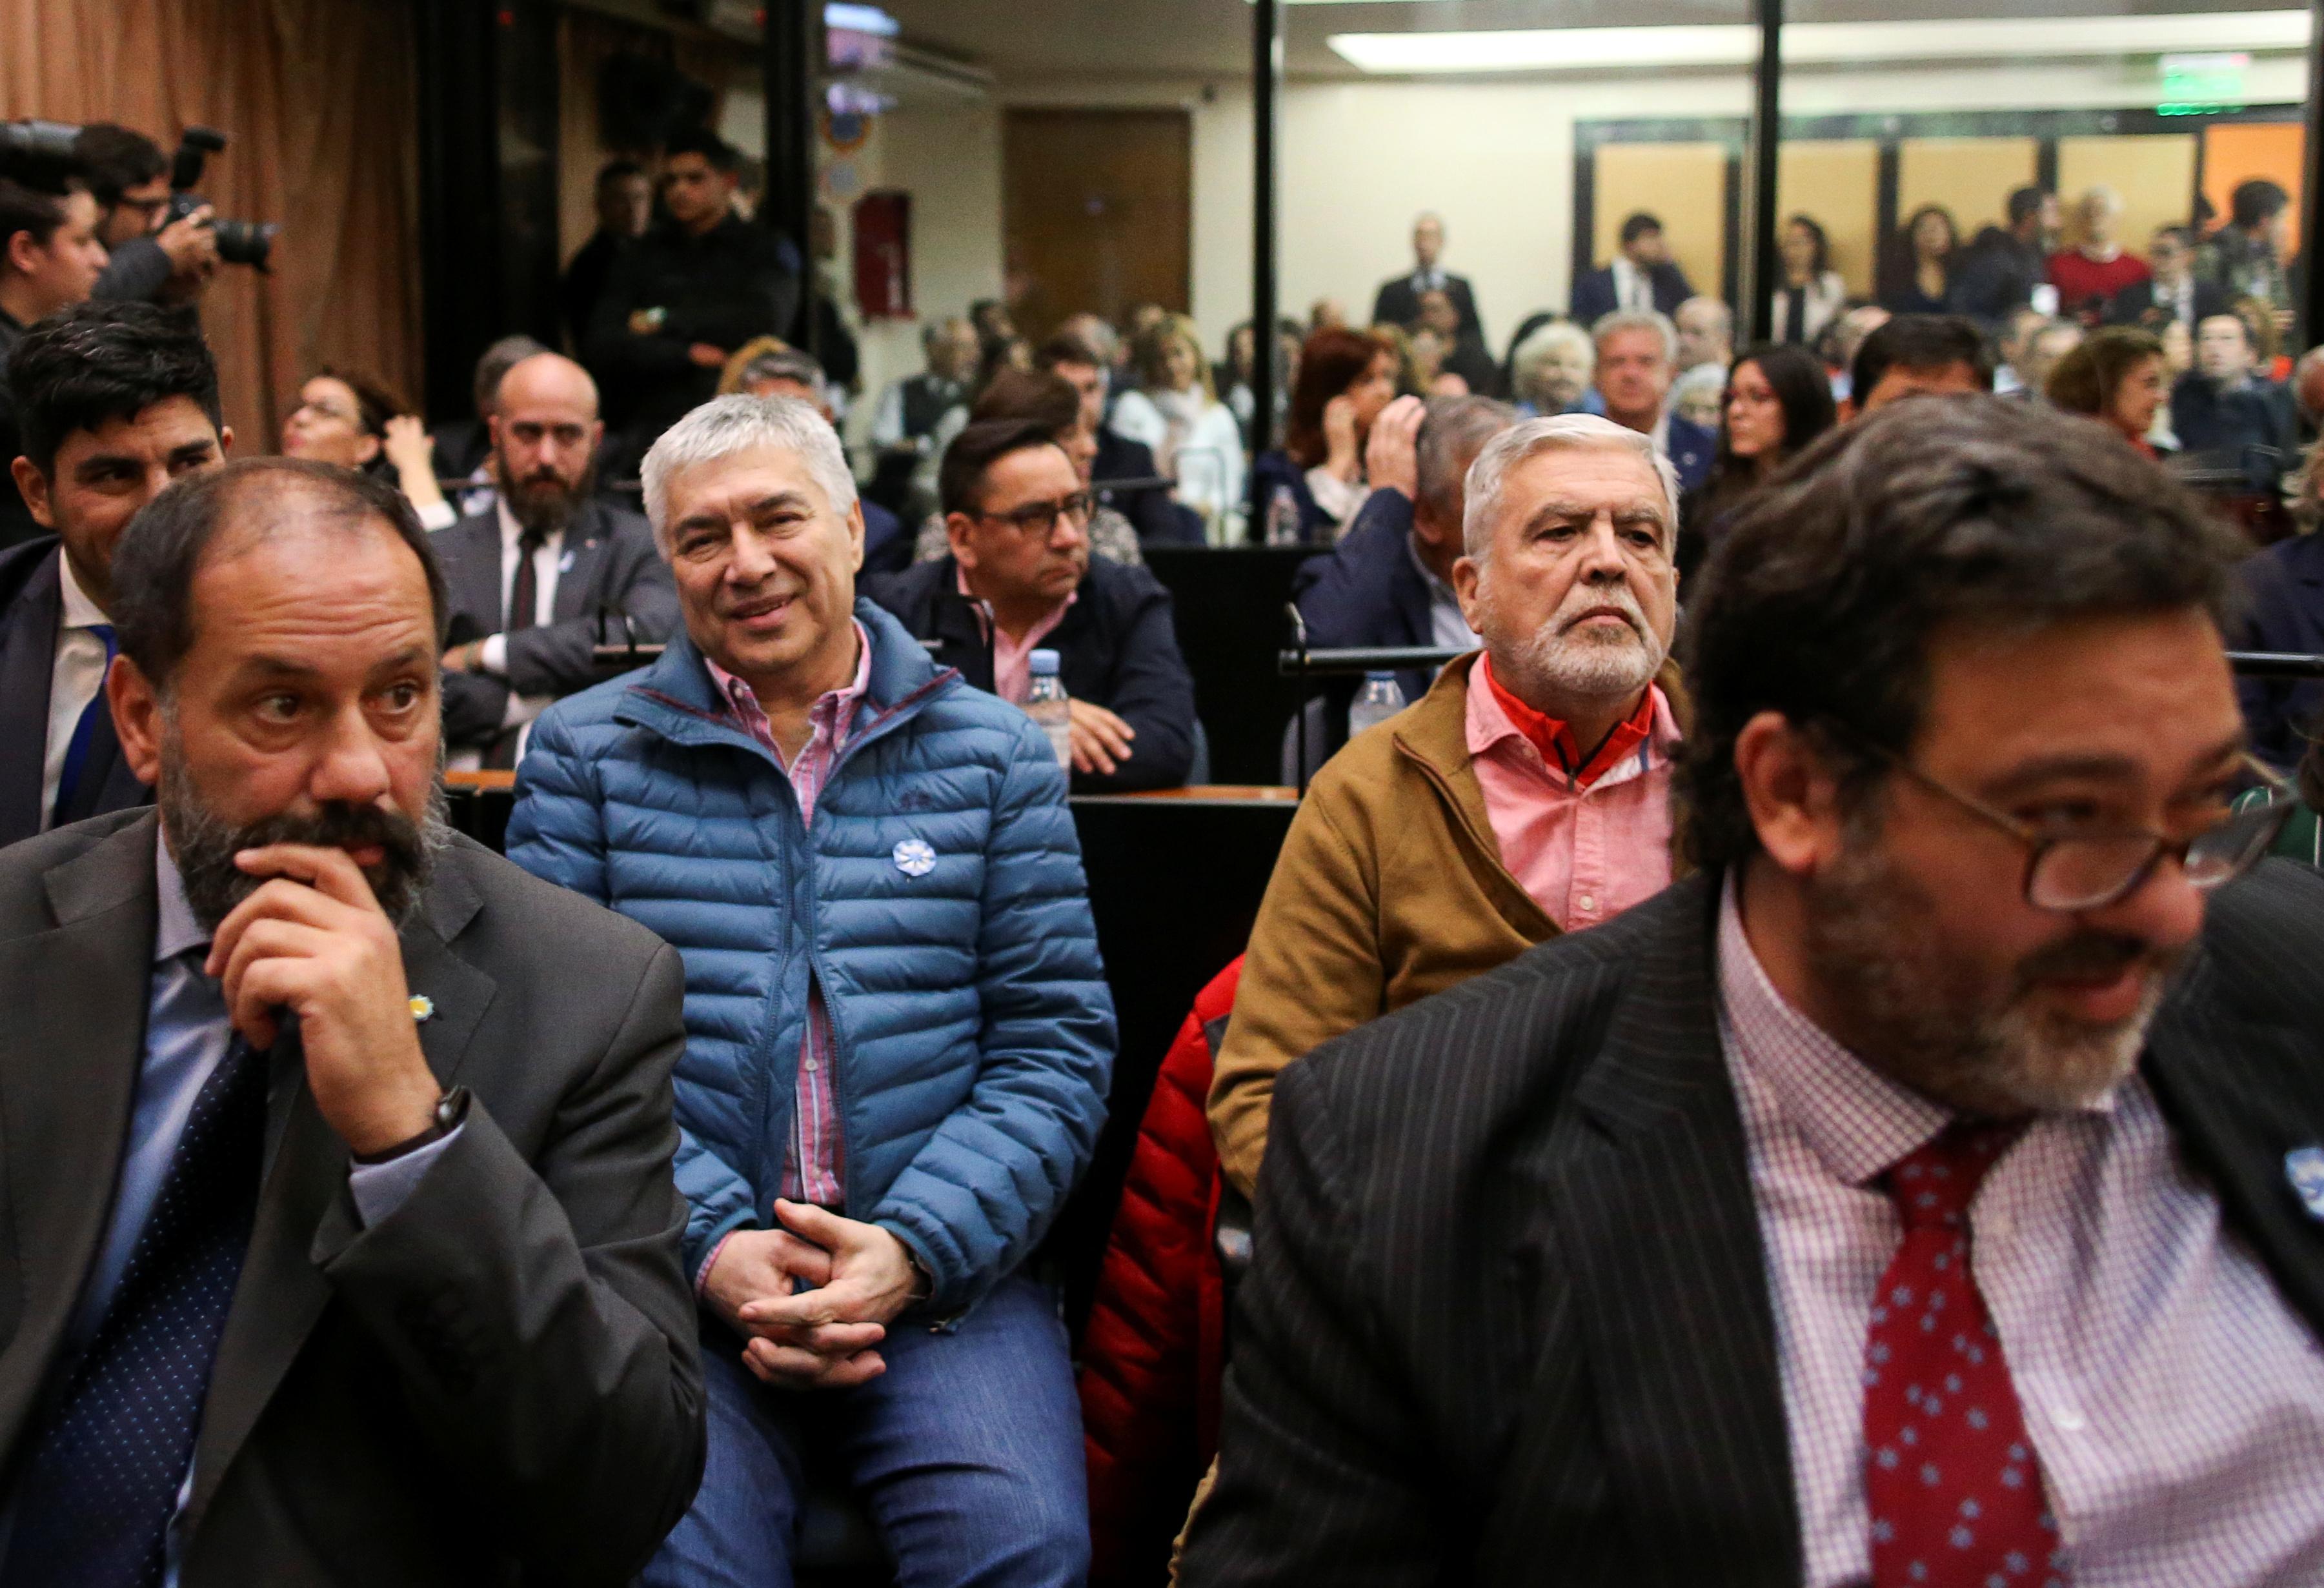 جانب من الحضور فى قاعة المحكمة